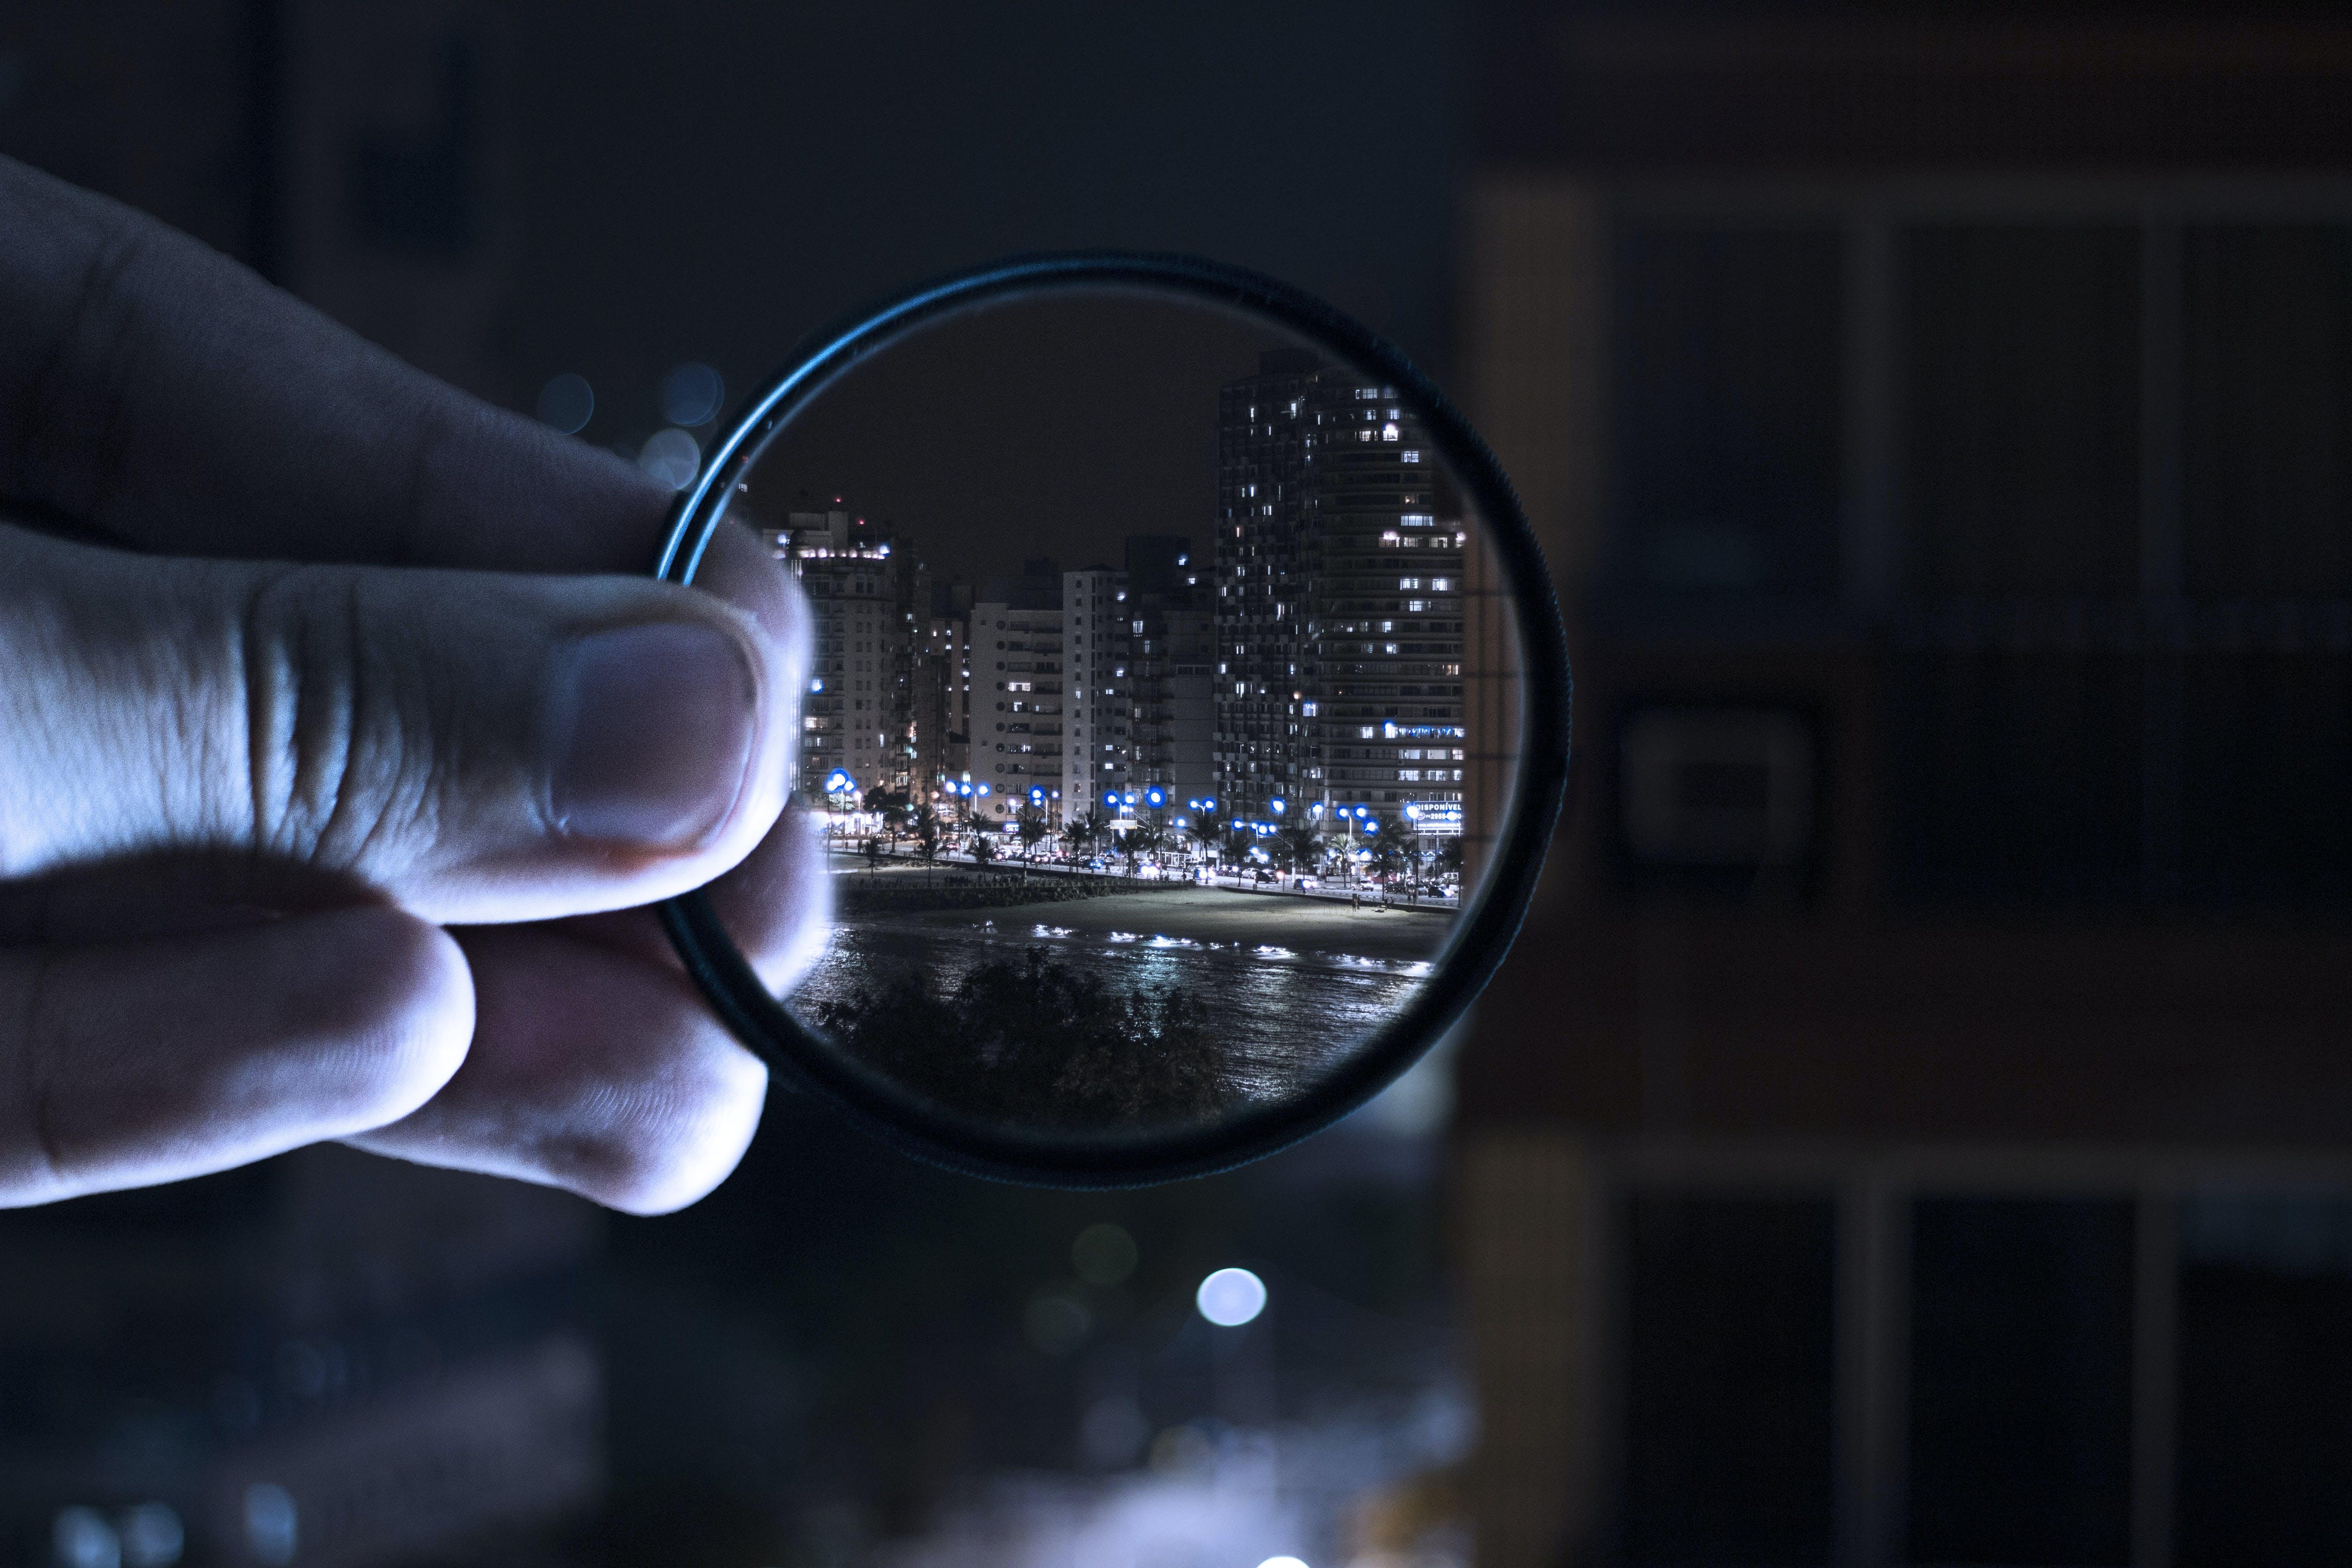 NiSi M75 filterhouder systeem voor mirrorless camera's